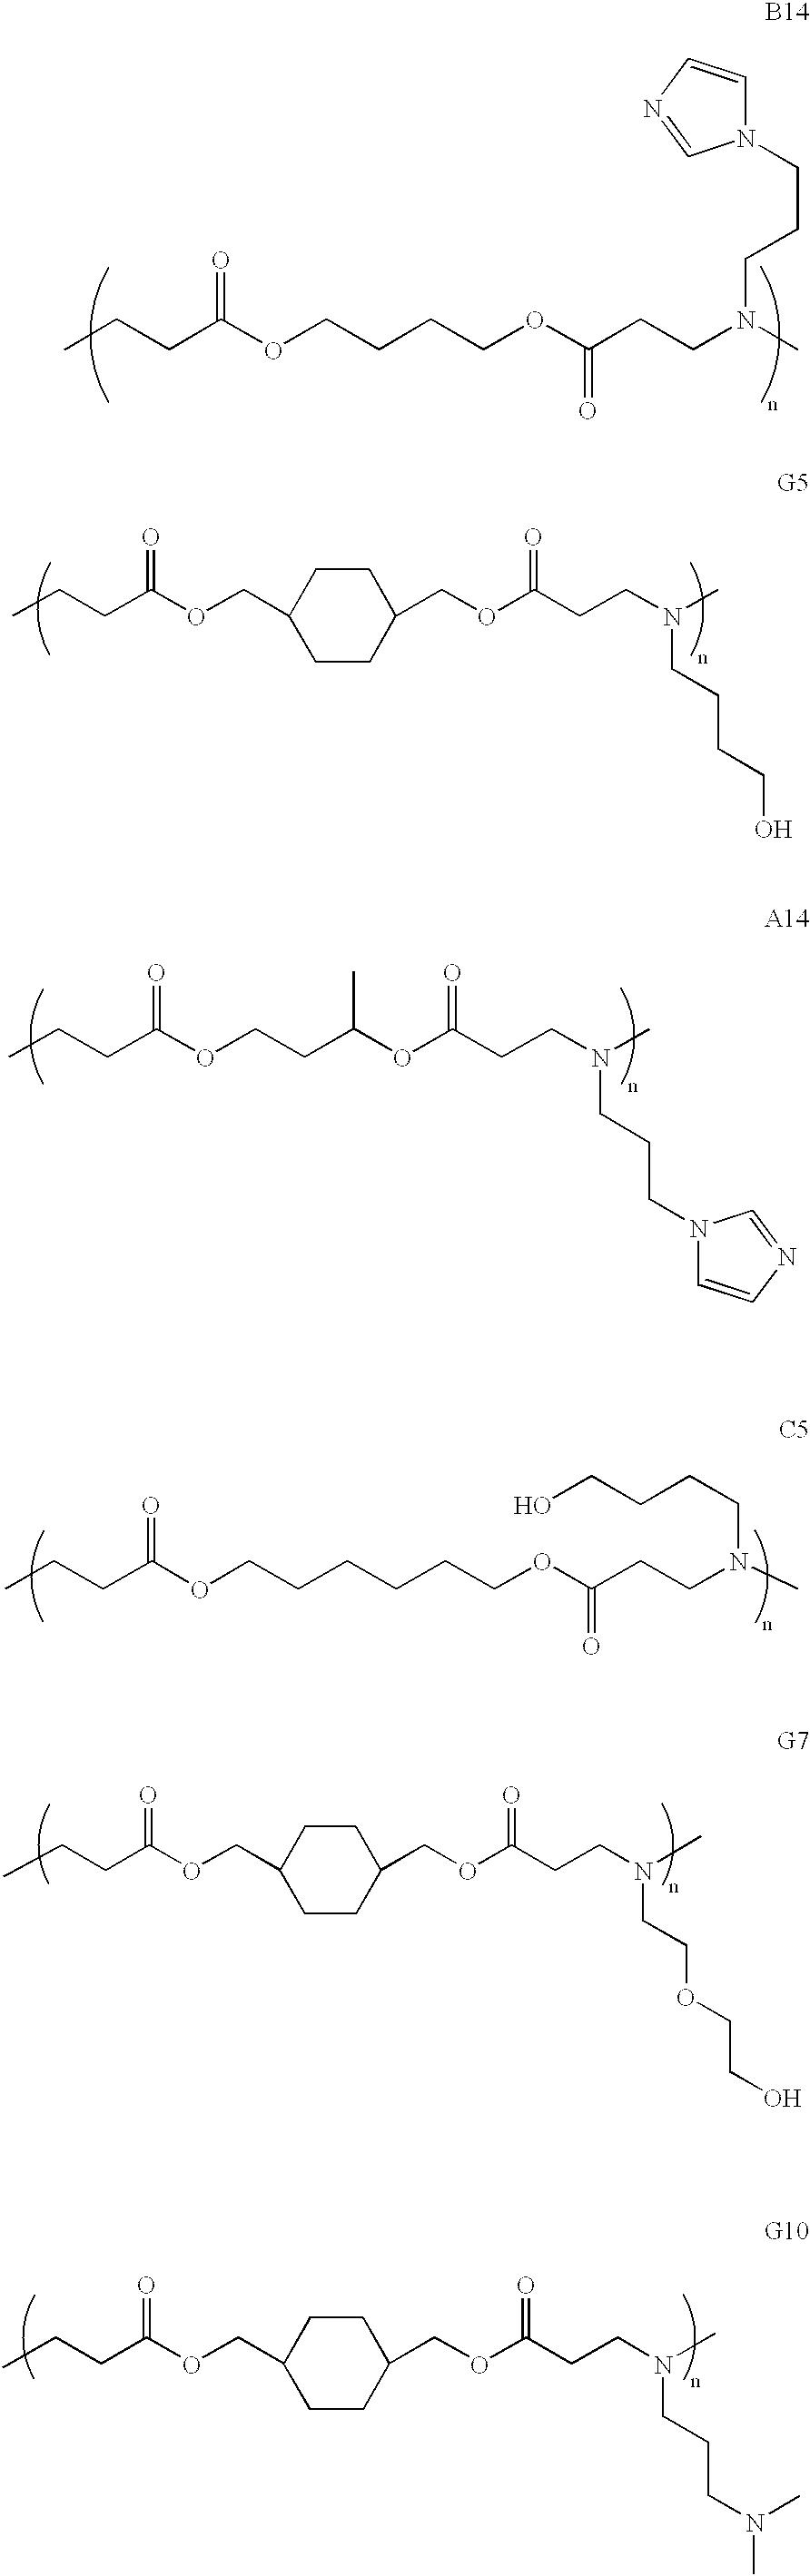 Figure US06998115-20060214-C00011